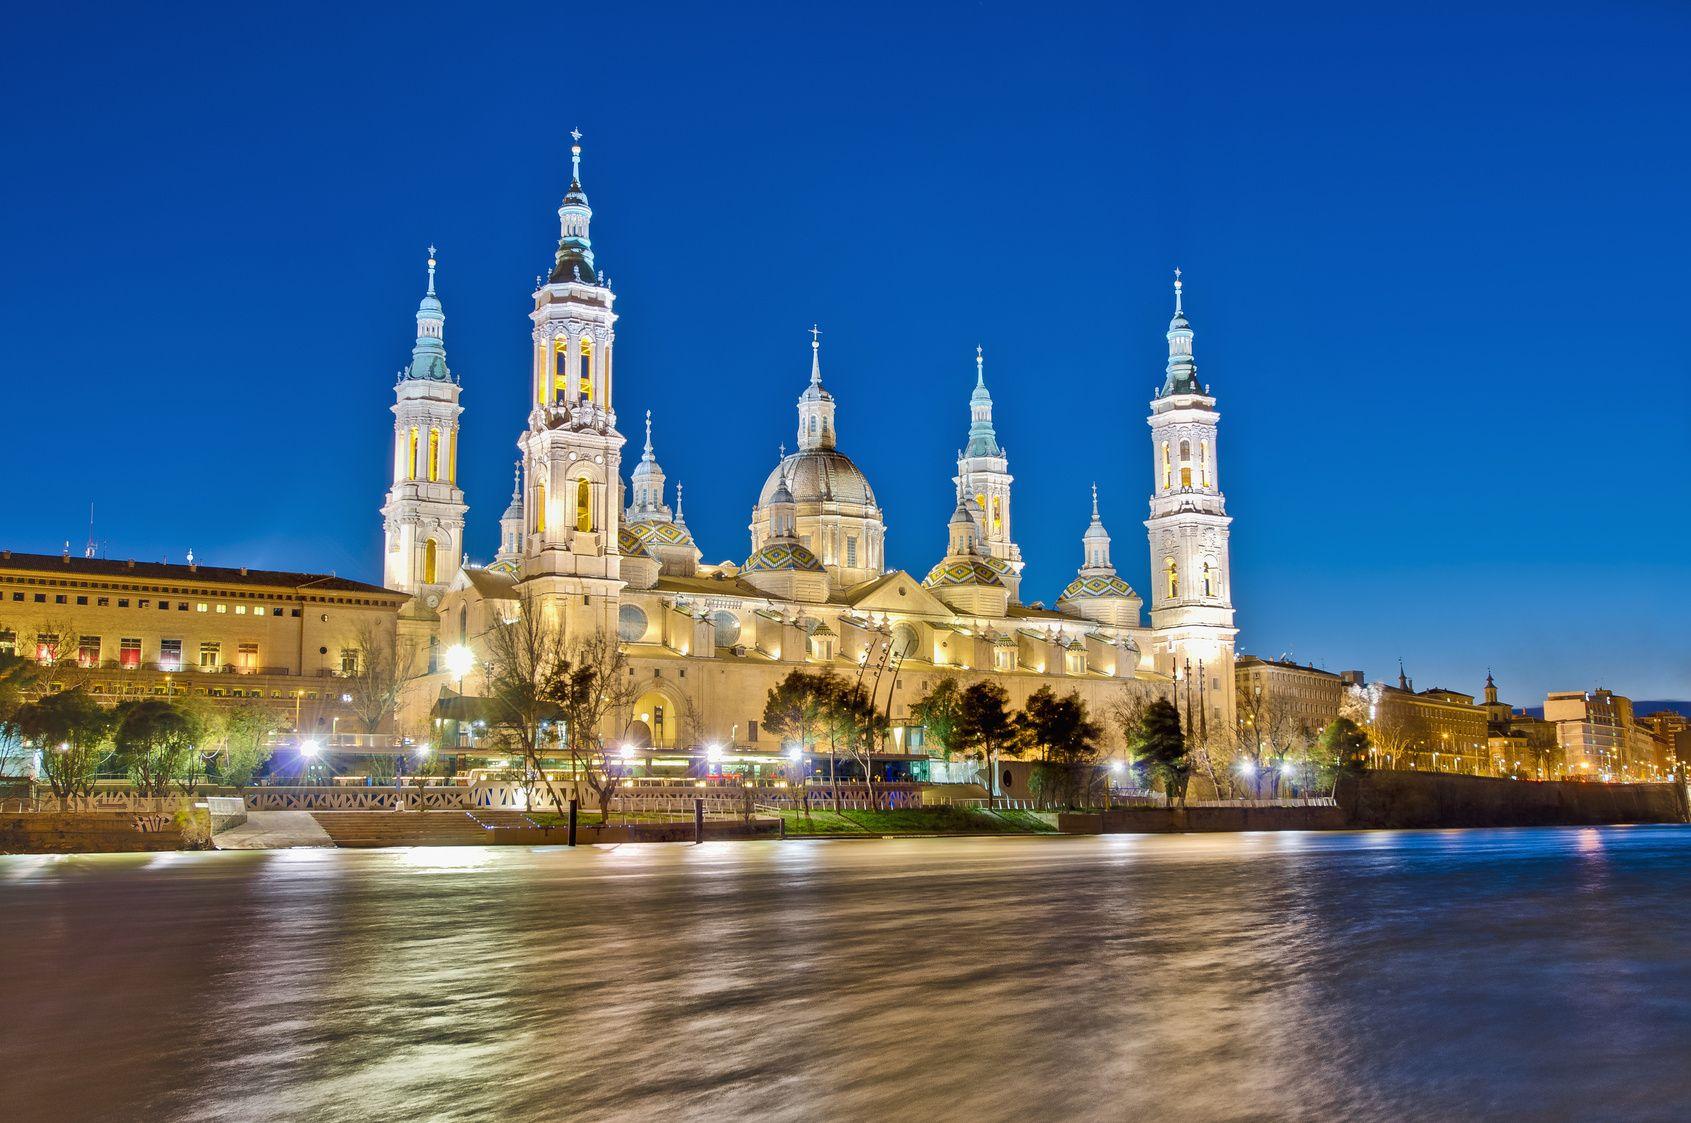 Foto de Imagen del Pilar en Zaragoza, a orillas del río Ebro